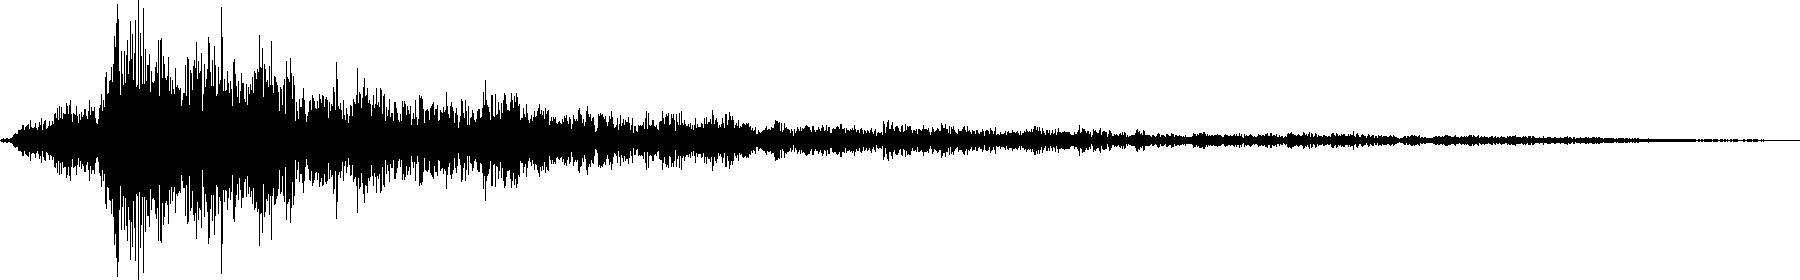 bluezone bc0210 tambourine 008